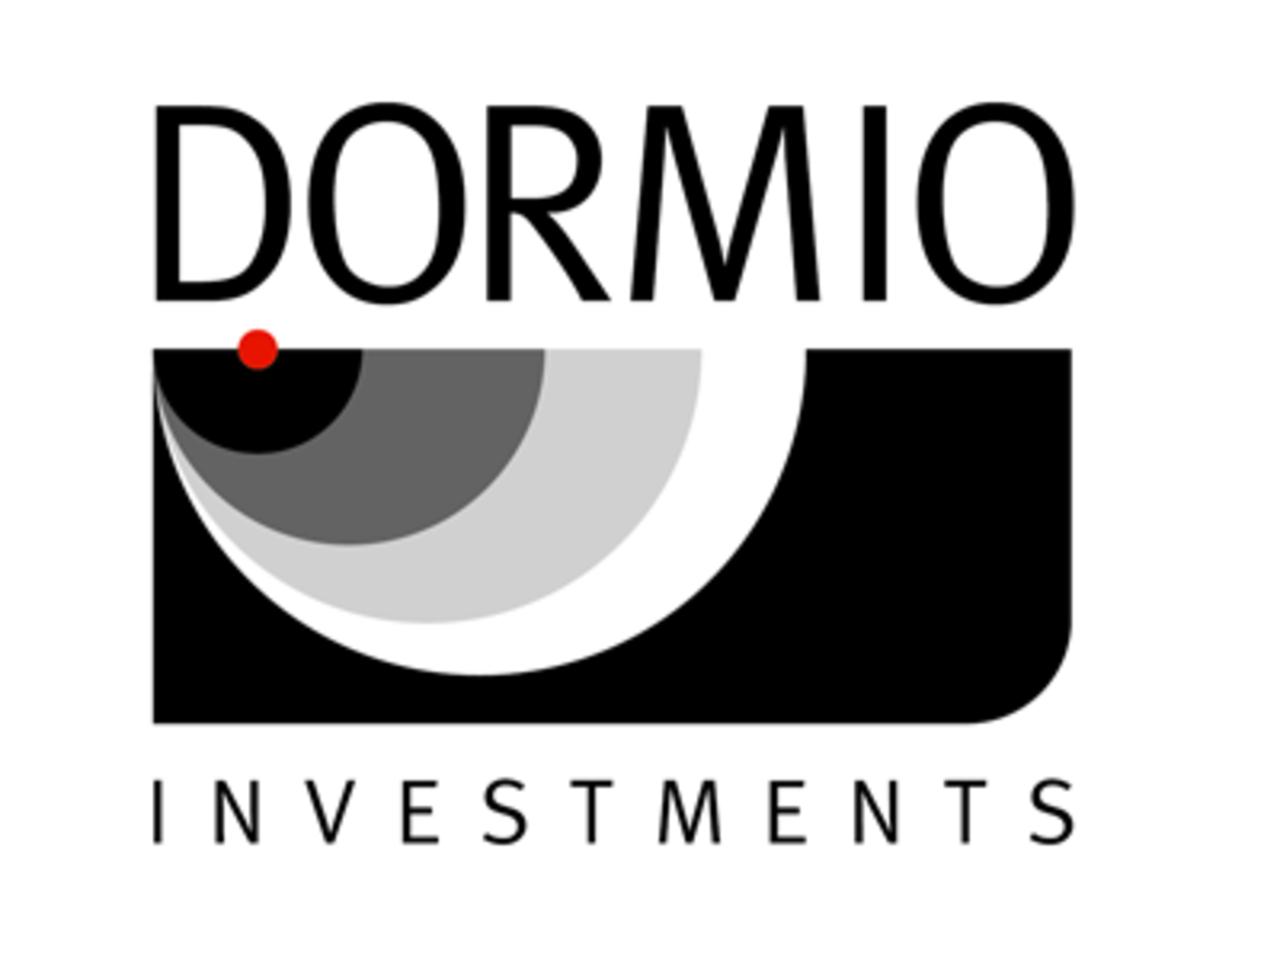 Dormio Investments